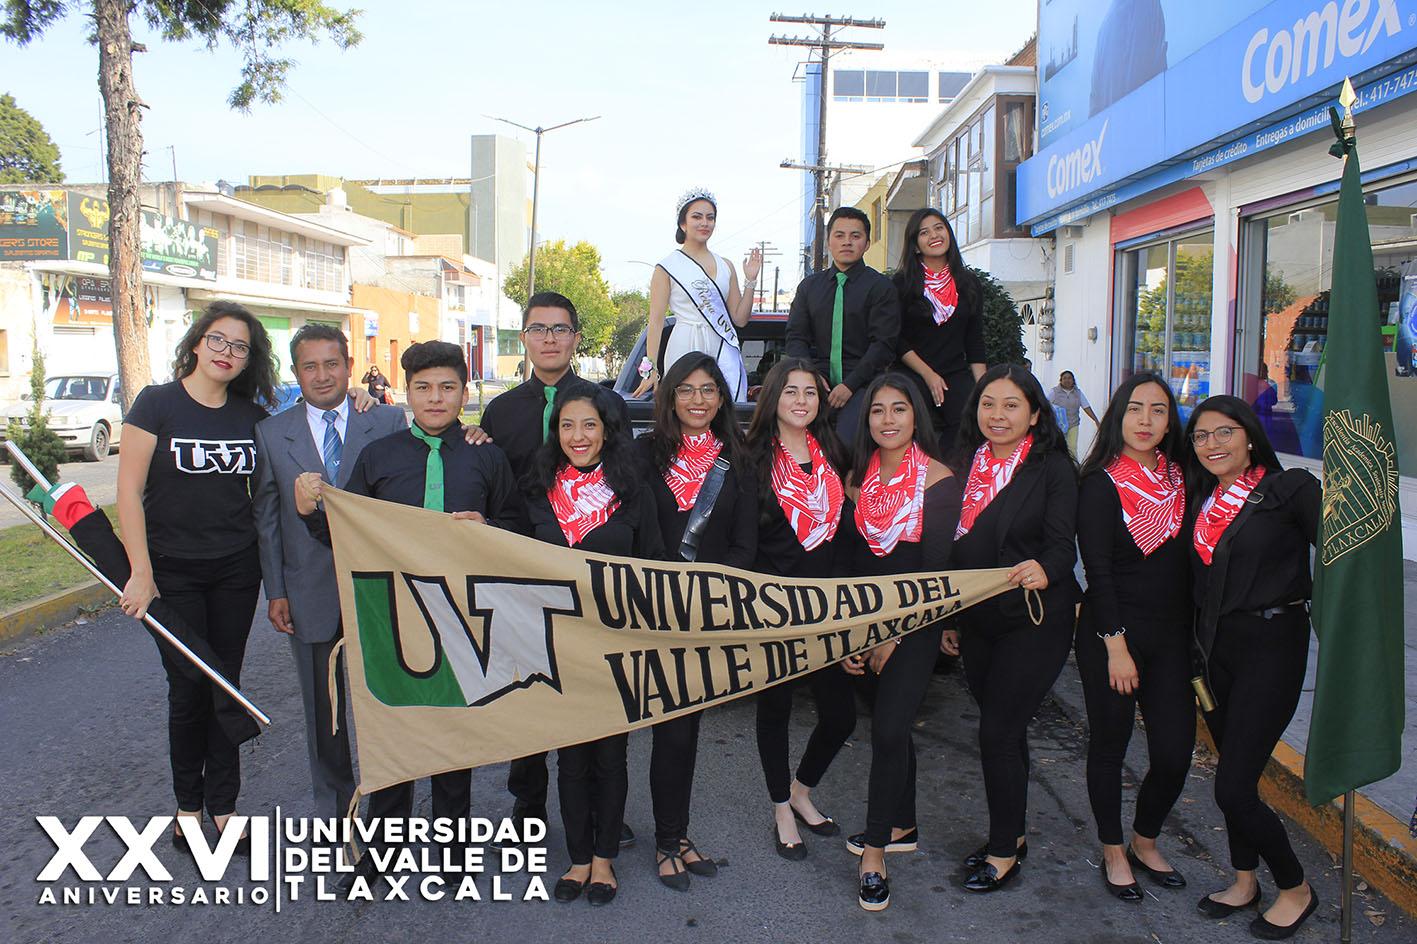 UVT PARTICIPA EN DESFILE DEL CIX ANIVERSARIO DE LA REVOLUCIÓN MEXICANA